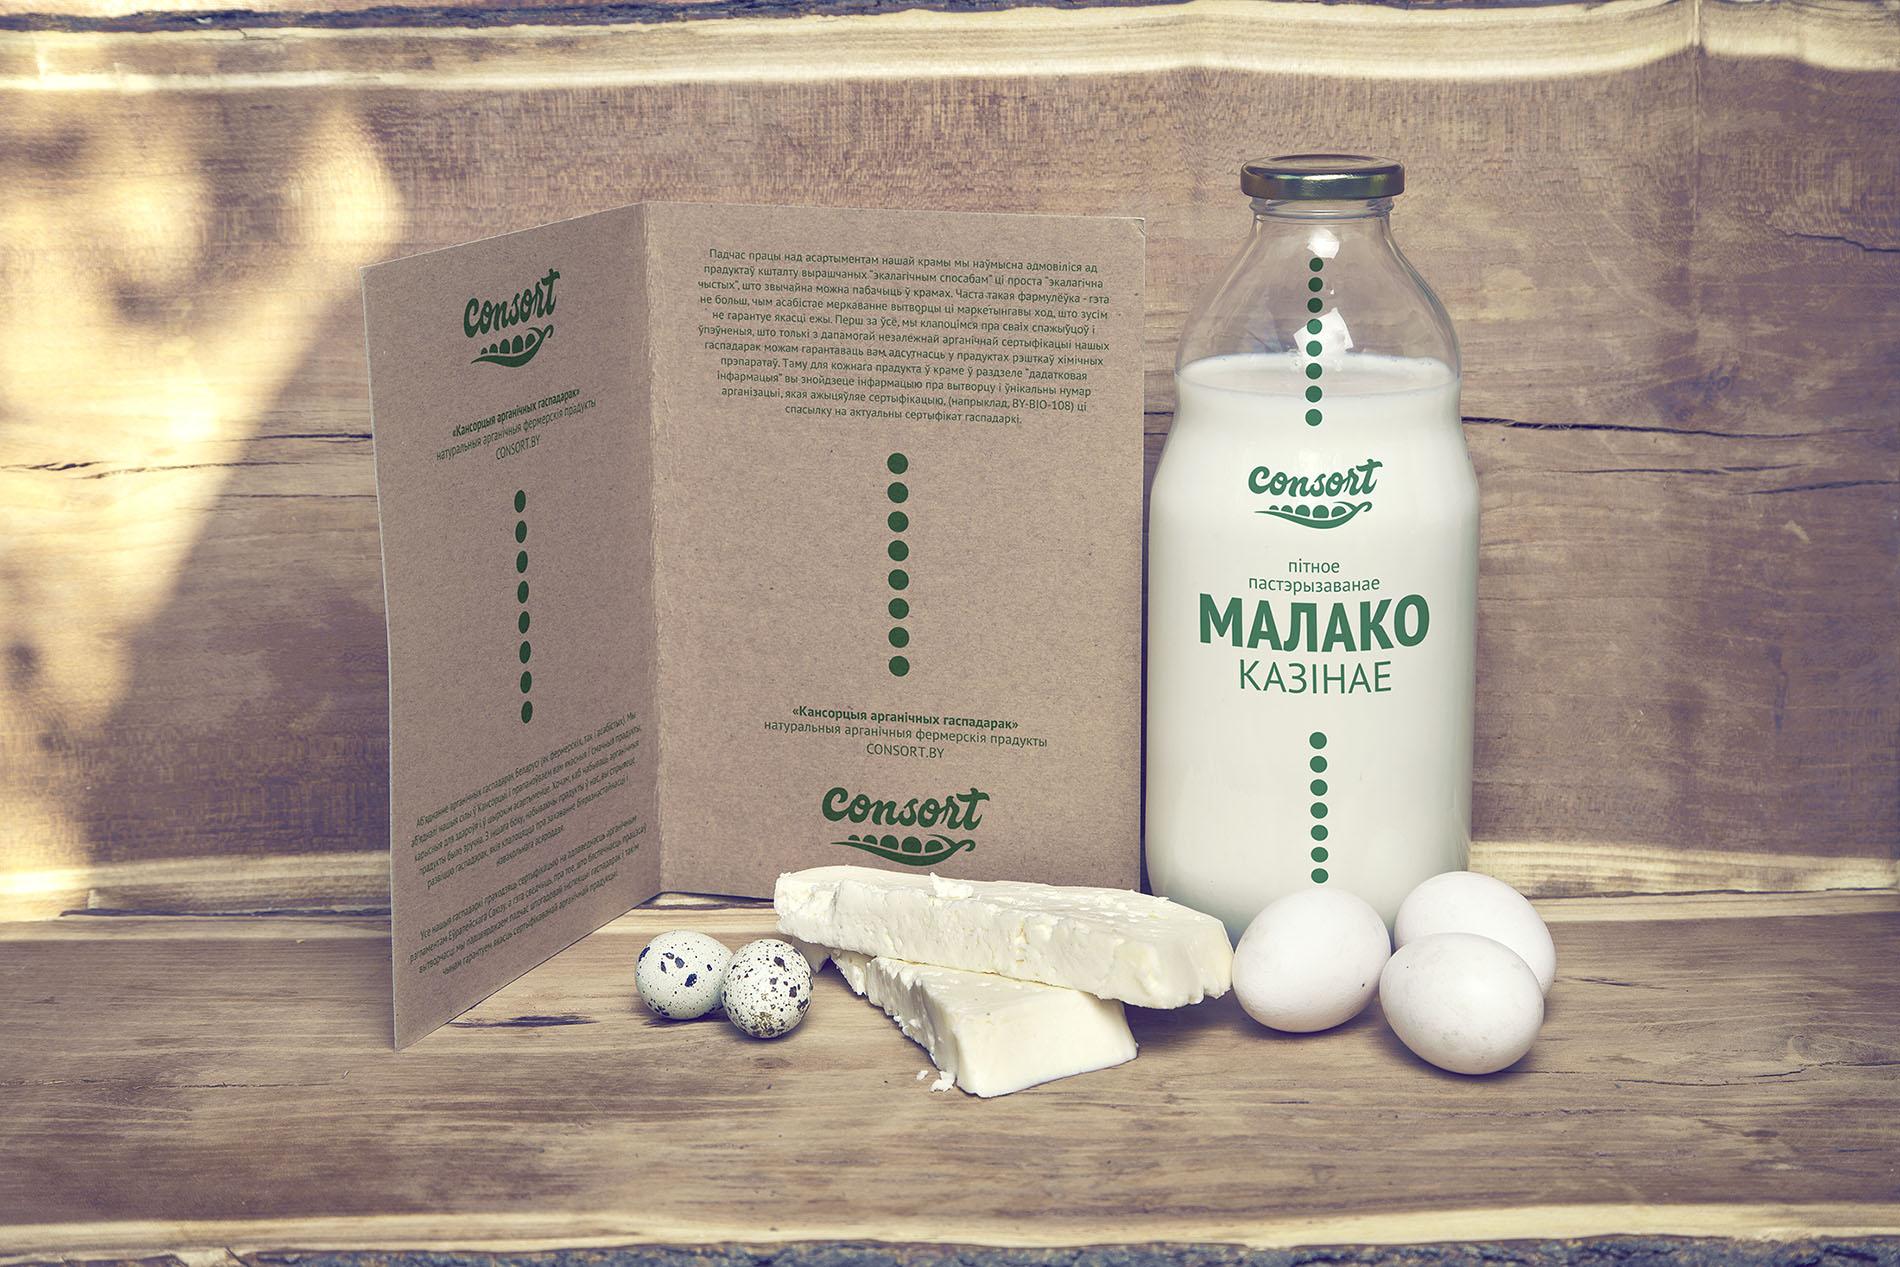 Consort branding